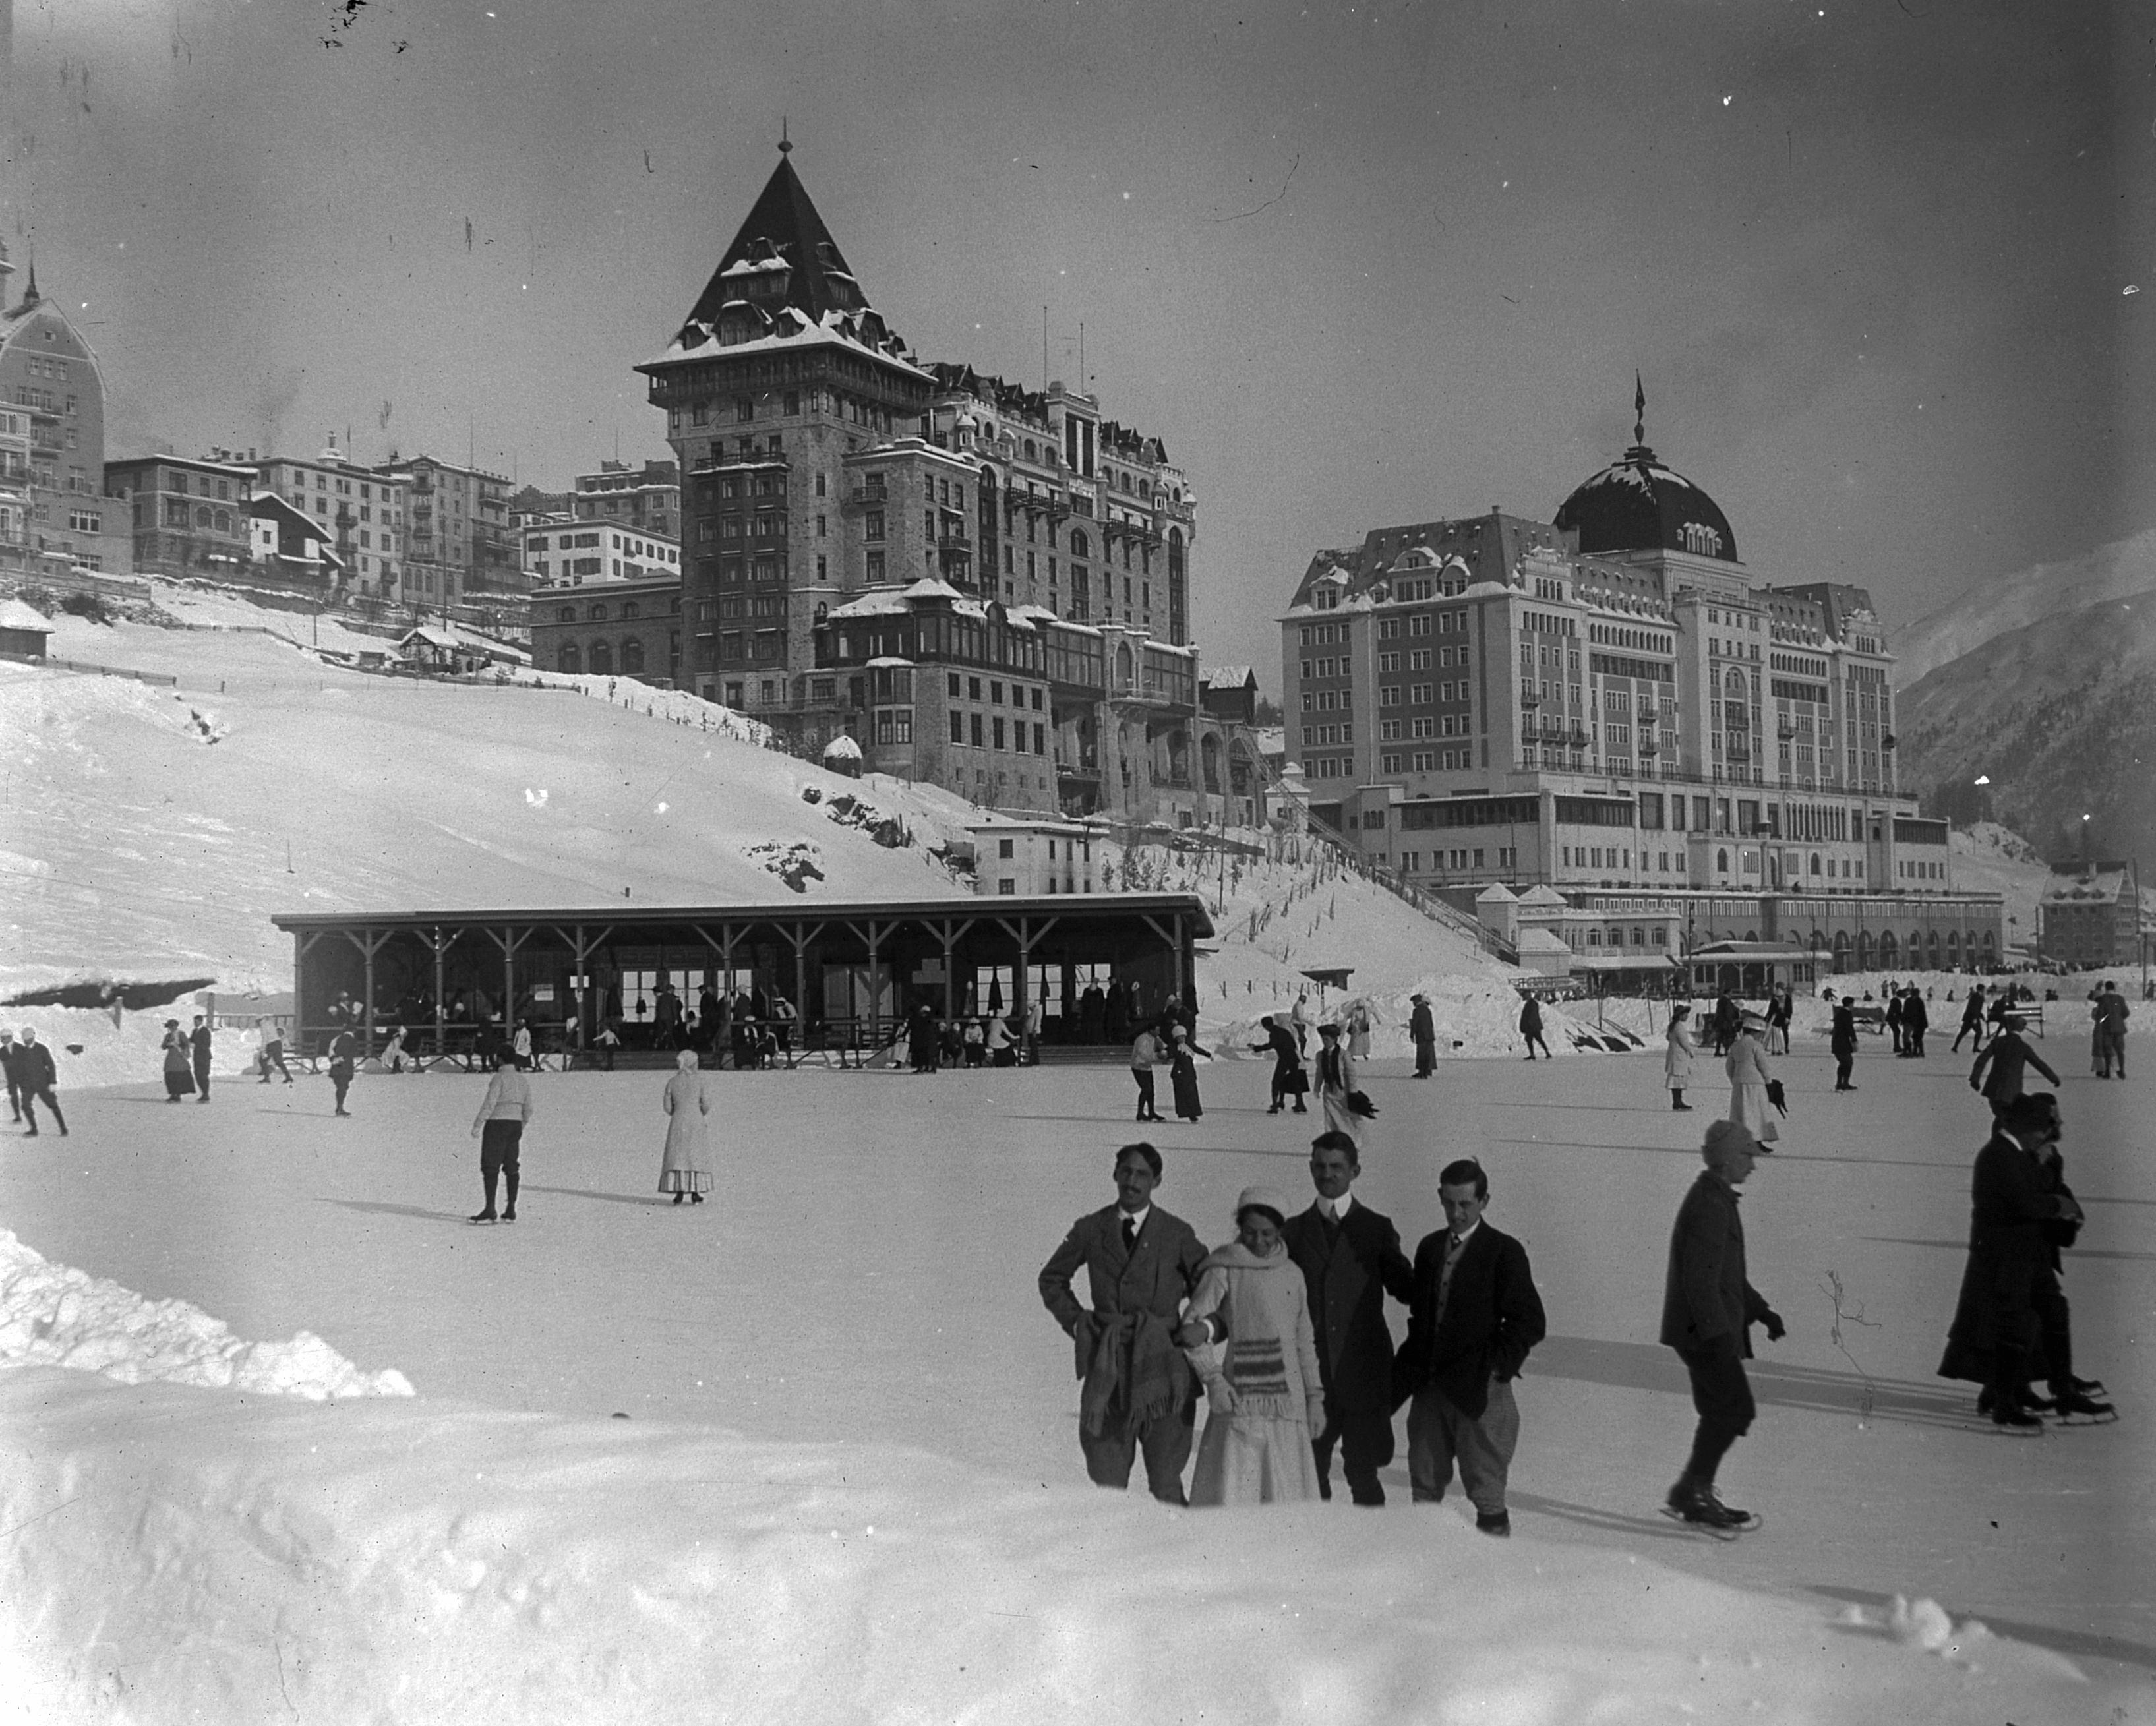 Коньковый спорт сто лет назад был не менее популярен в Санкт-Морице, чем горнолыжный. Фото 1917 года. Источник https://upload.wikimedia.org/